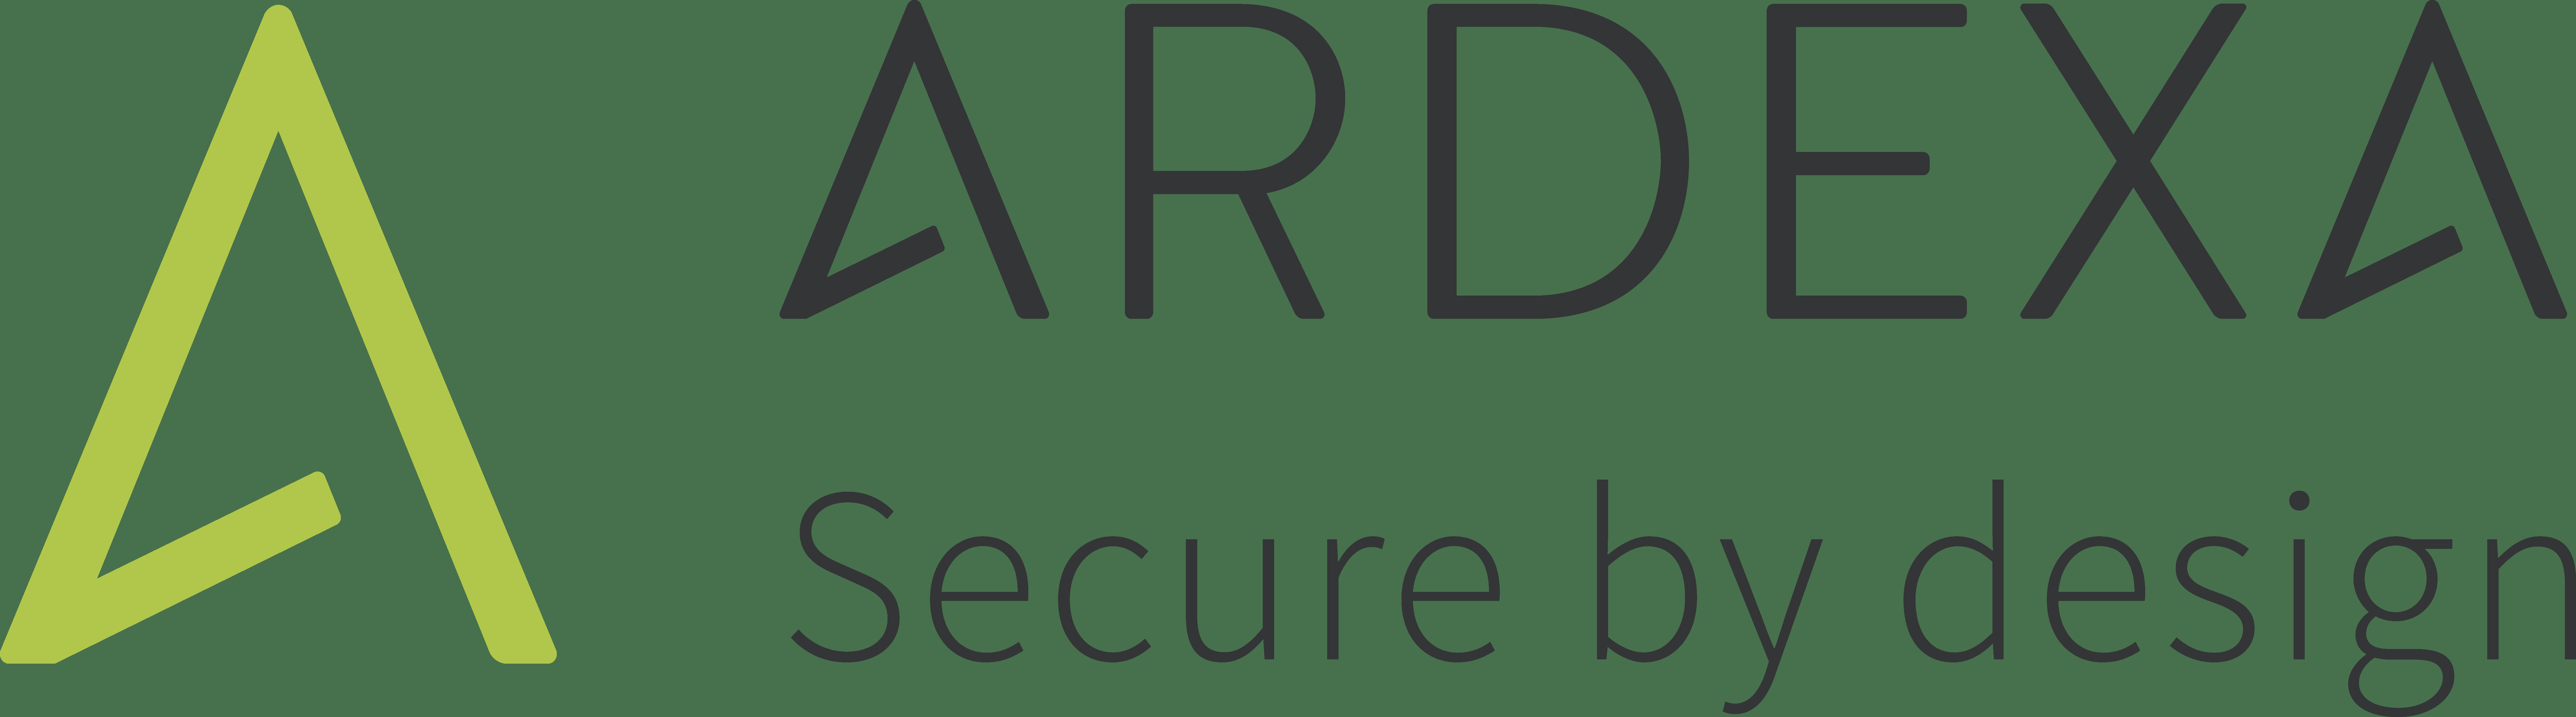 ardexa_tagline_greenblack1-min